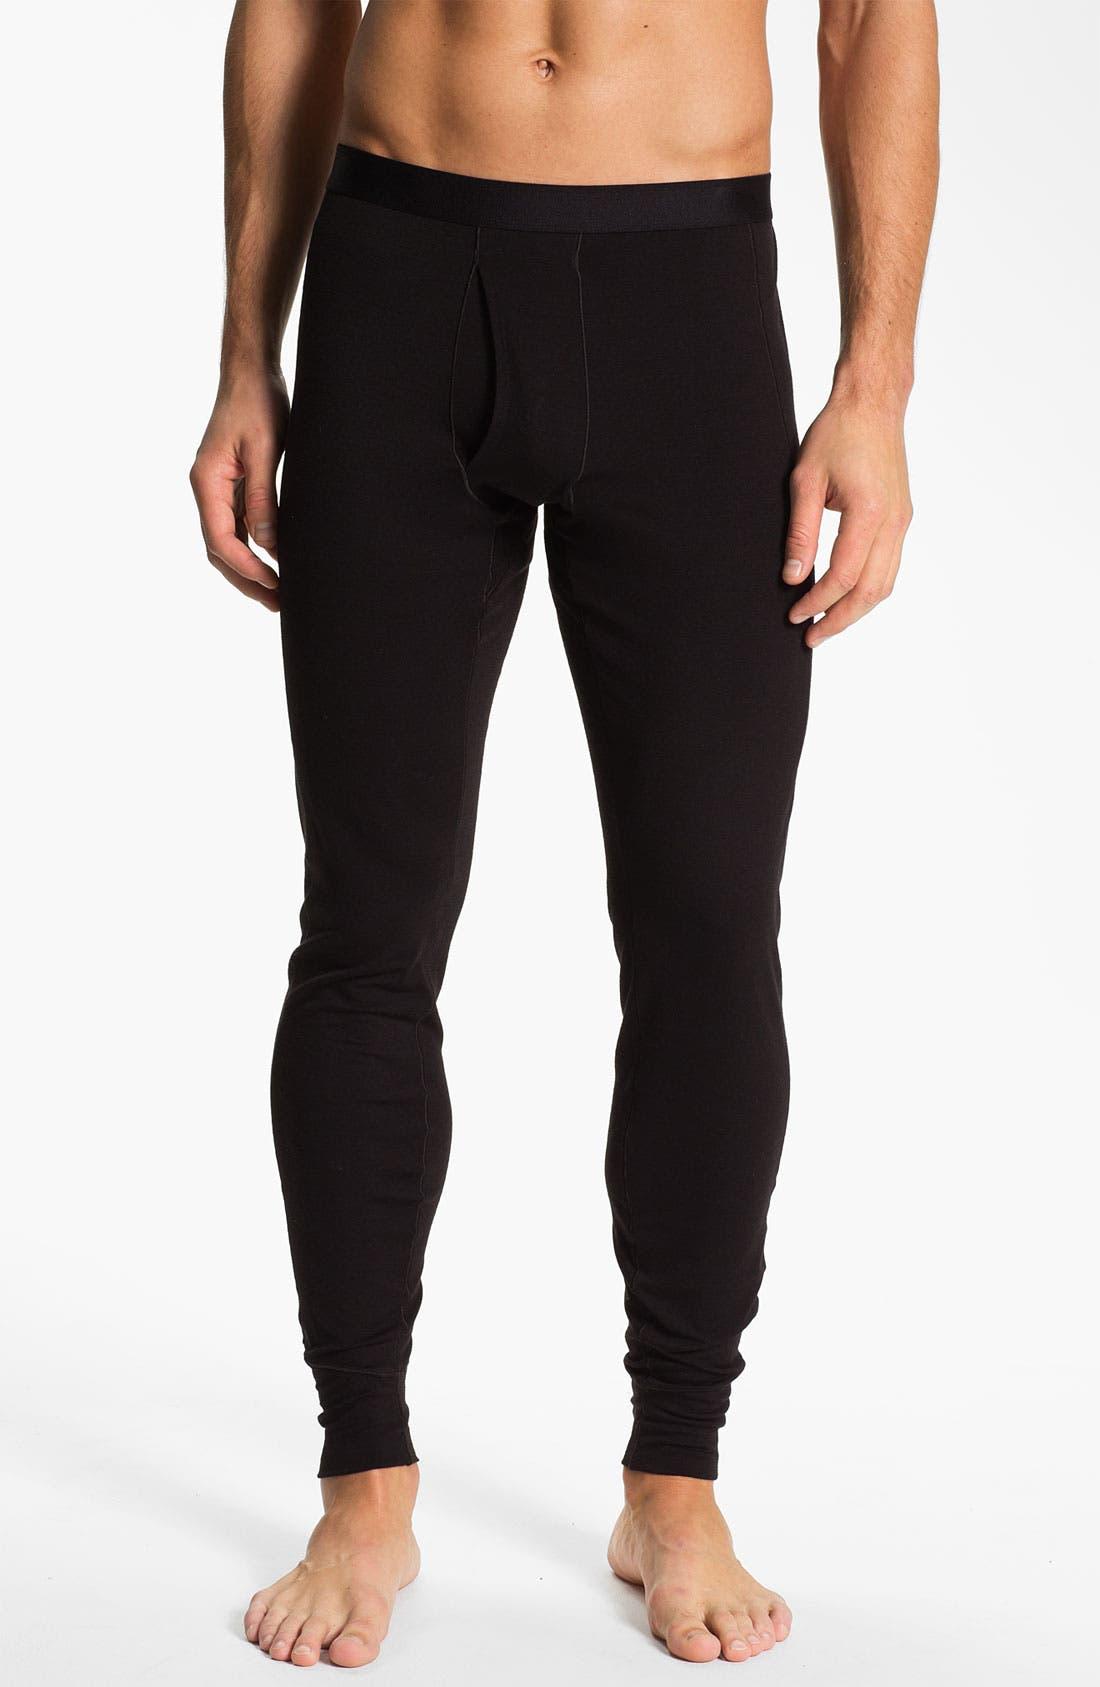 'Merino<sup>®</sup> 2' Base Layer Pants,                             Main thumbnail 1, color,